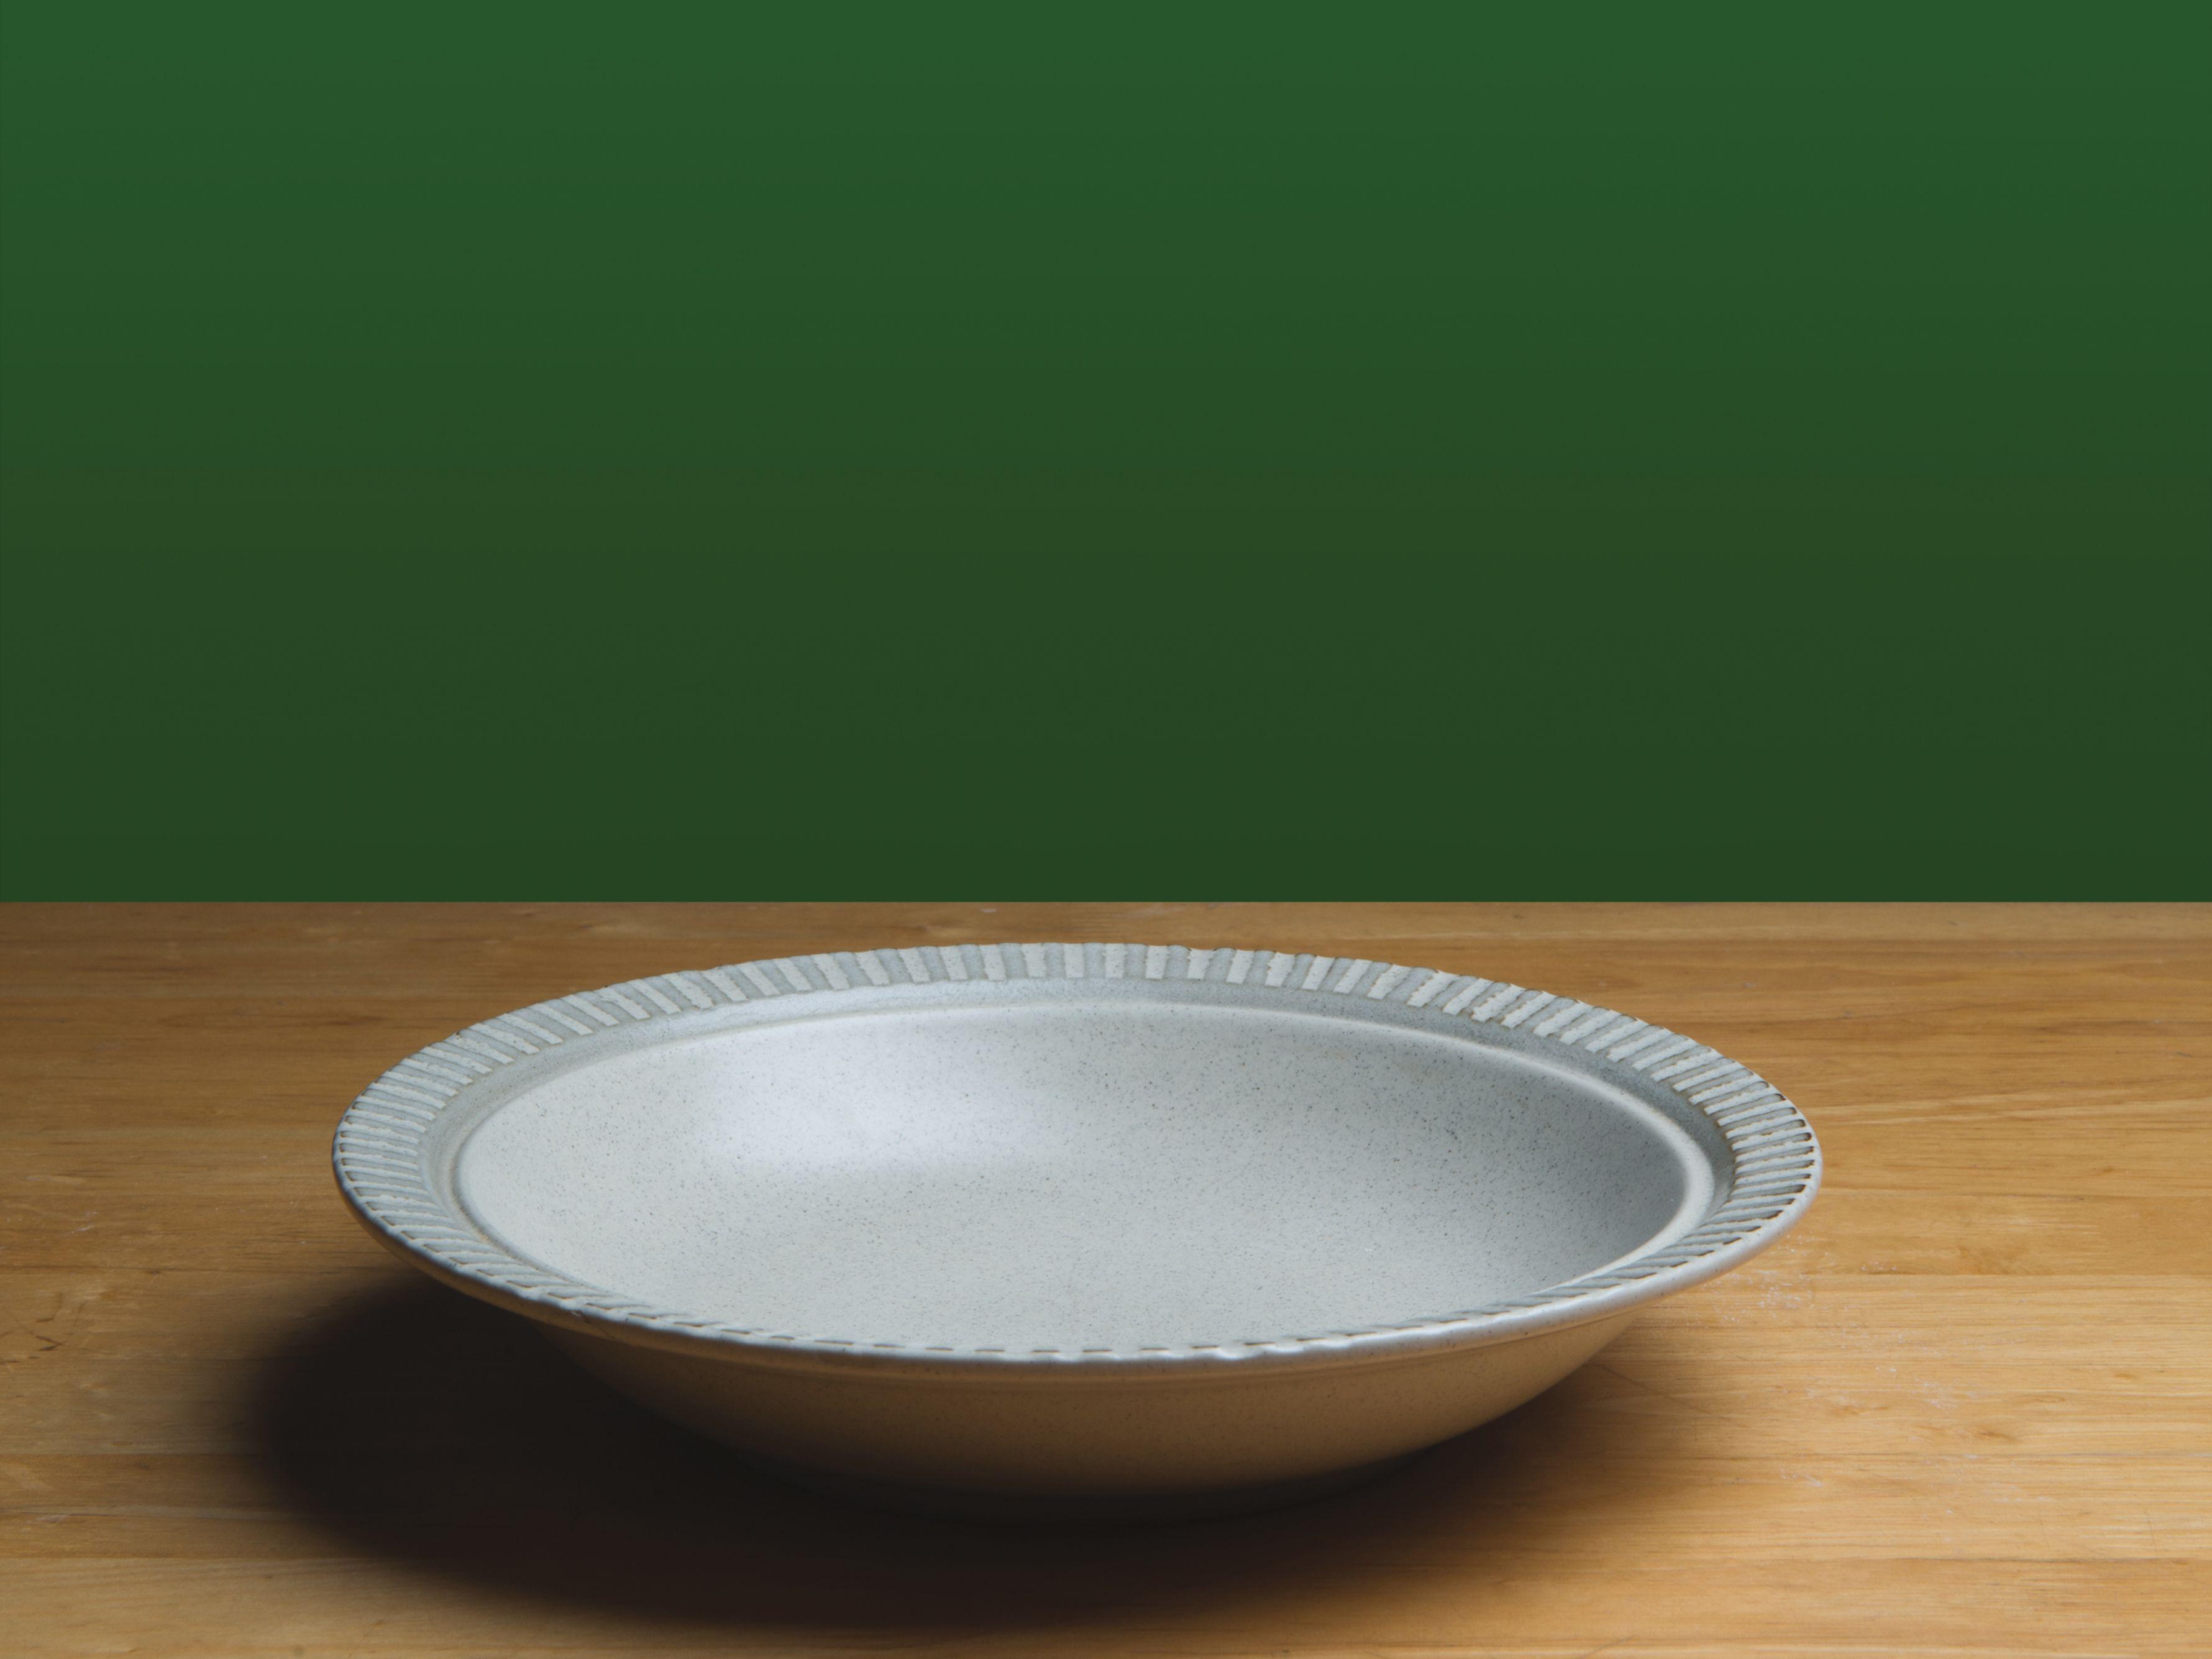 0318 hunger empty plate z1dj0z